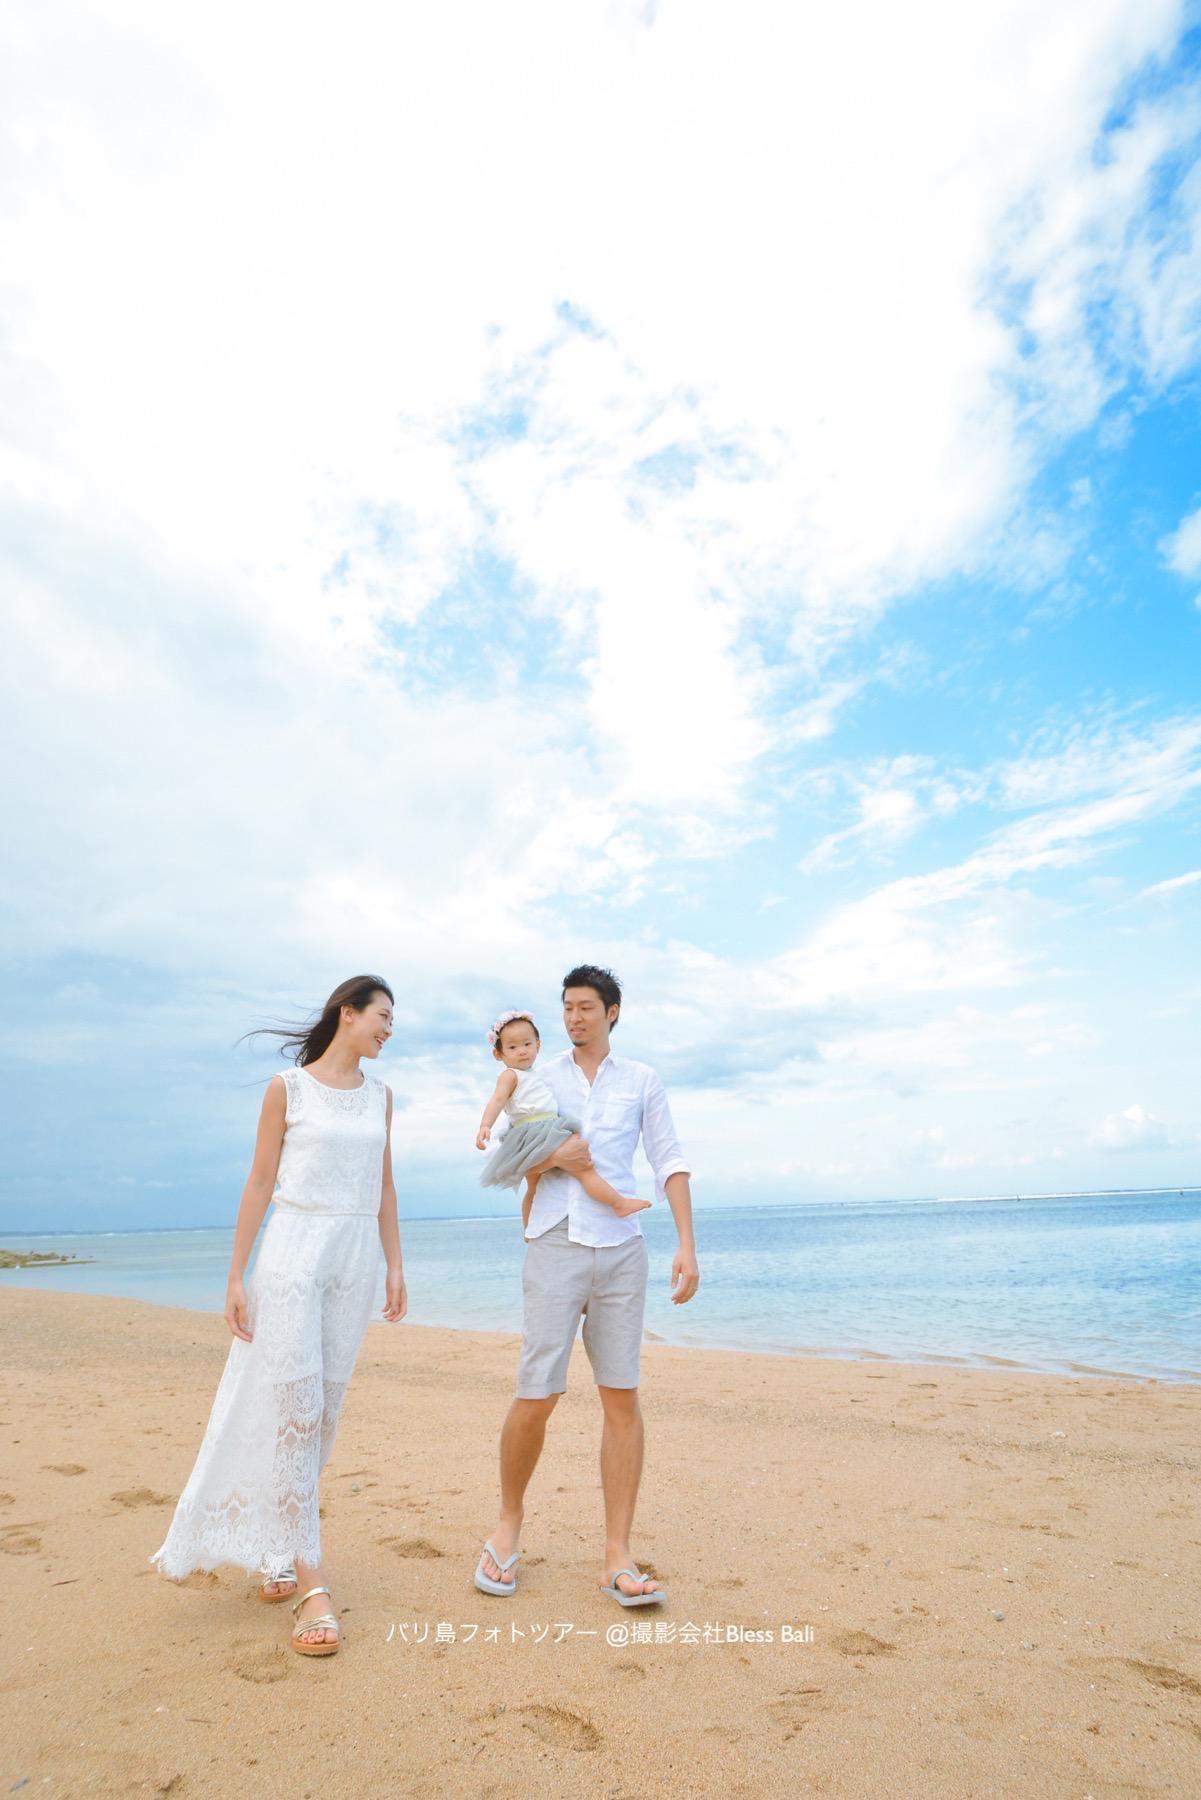 バリ島ビーチを歩くH様ご家族